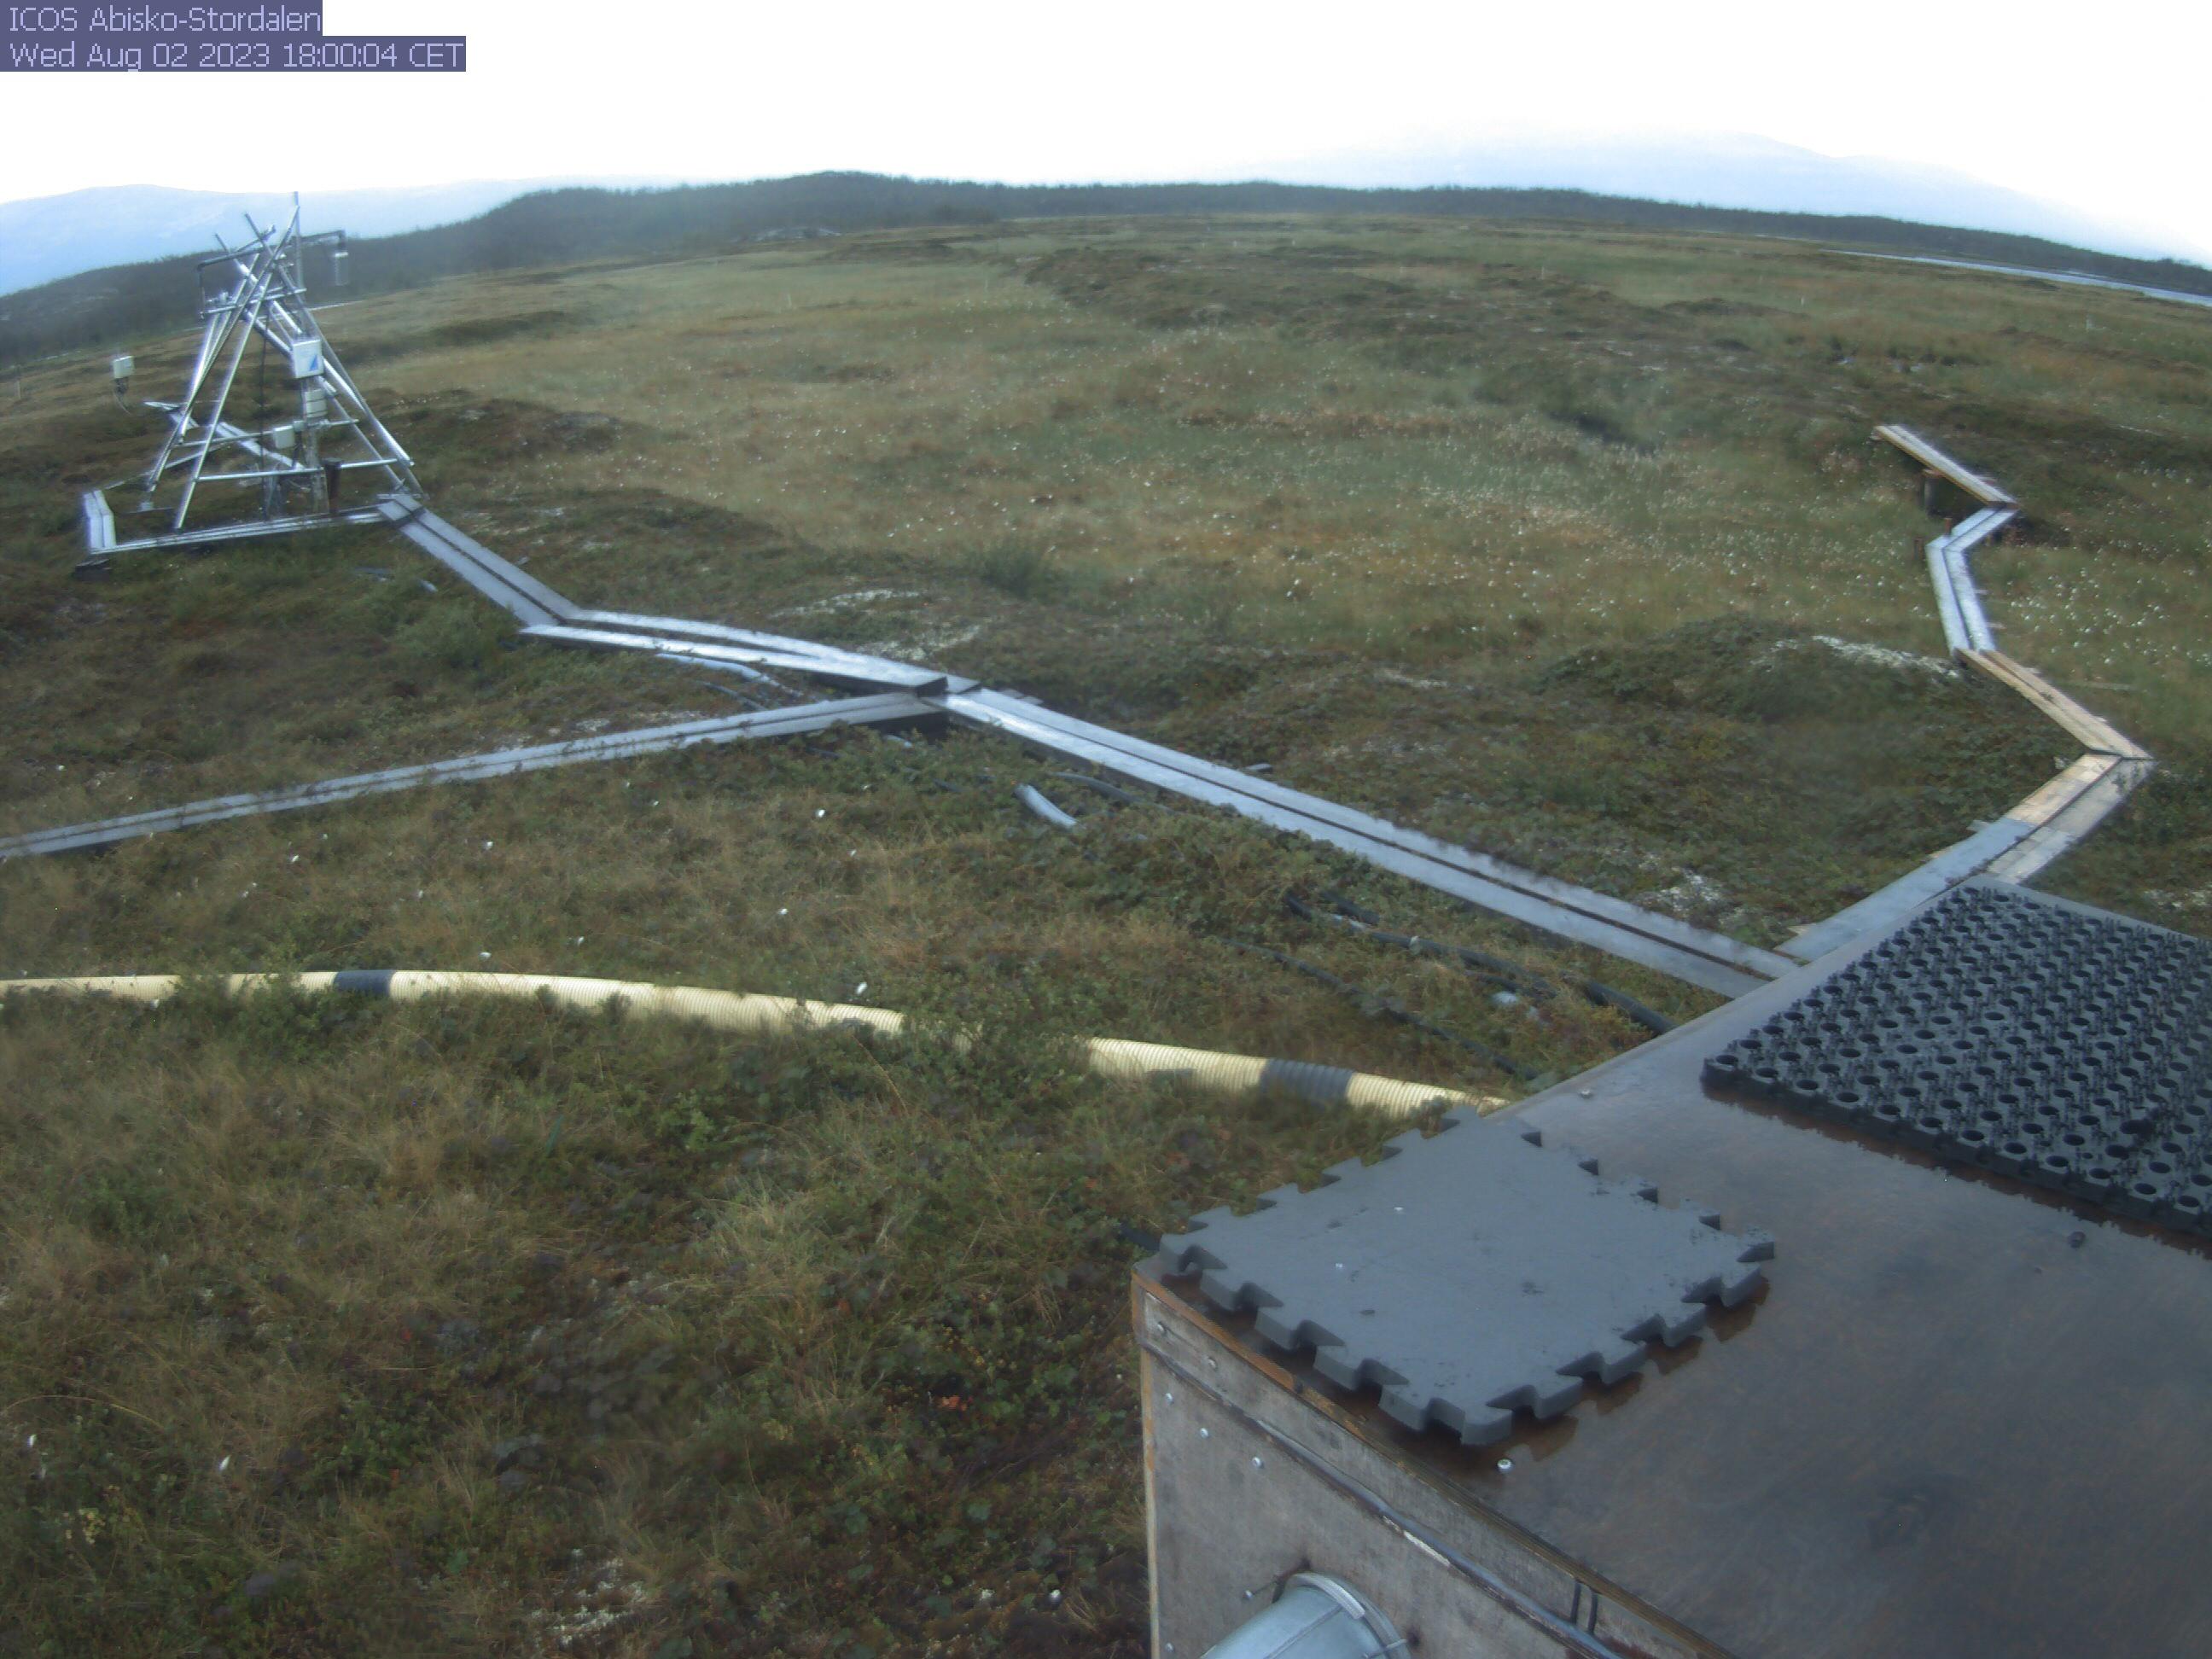 Abisko-Stordalen Aerial